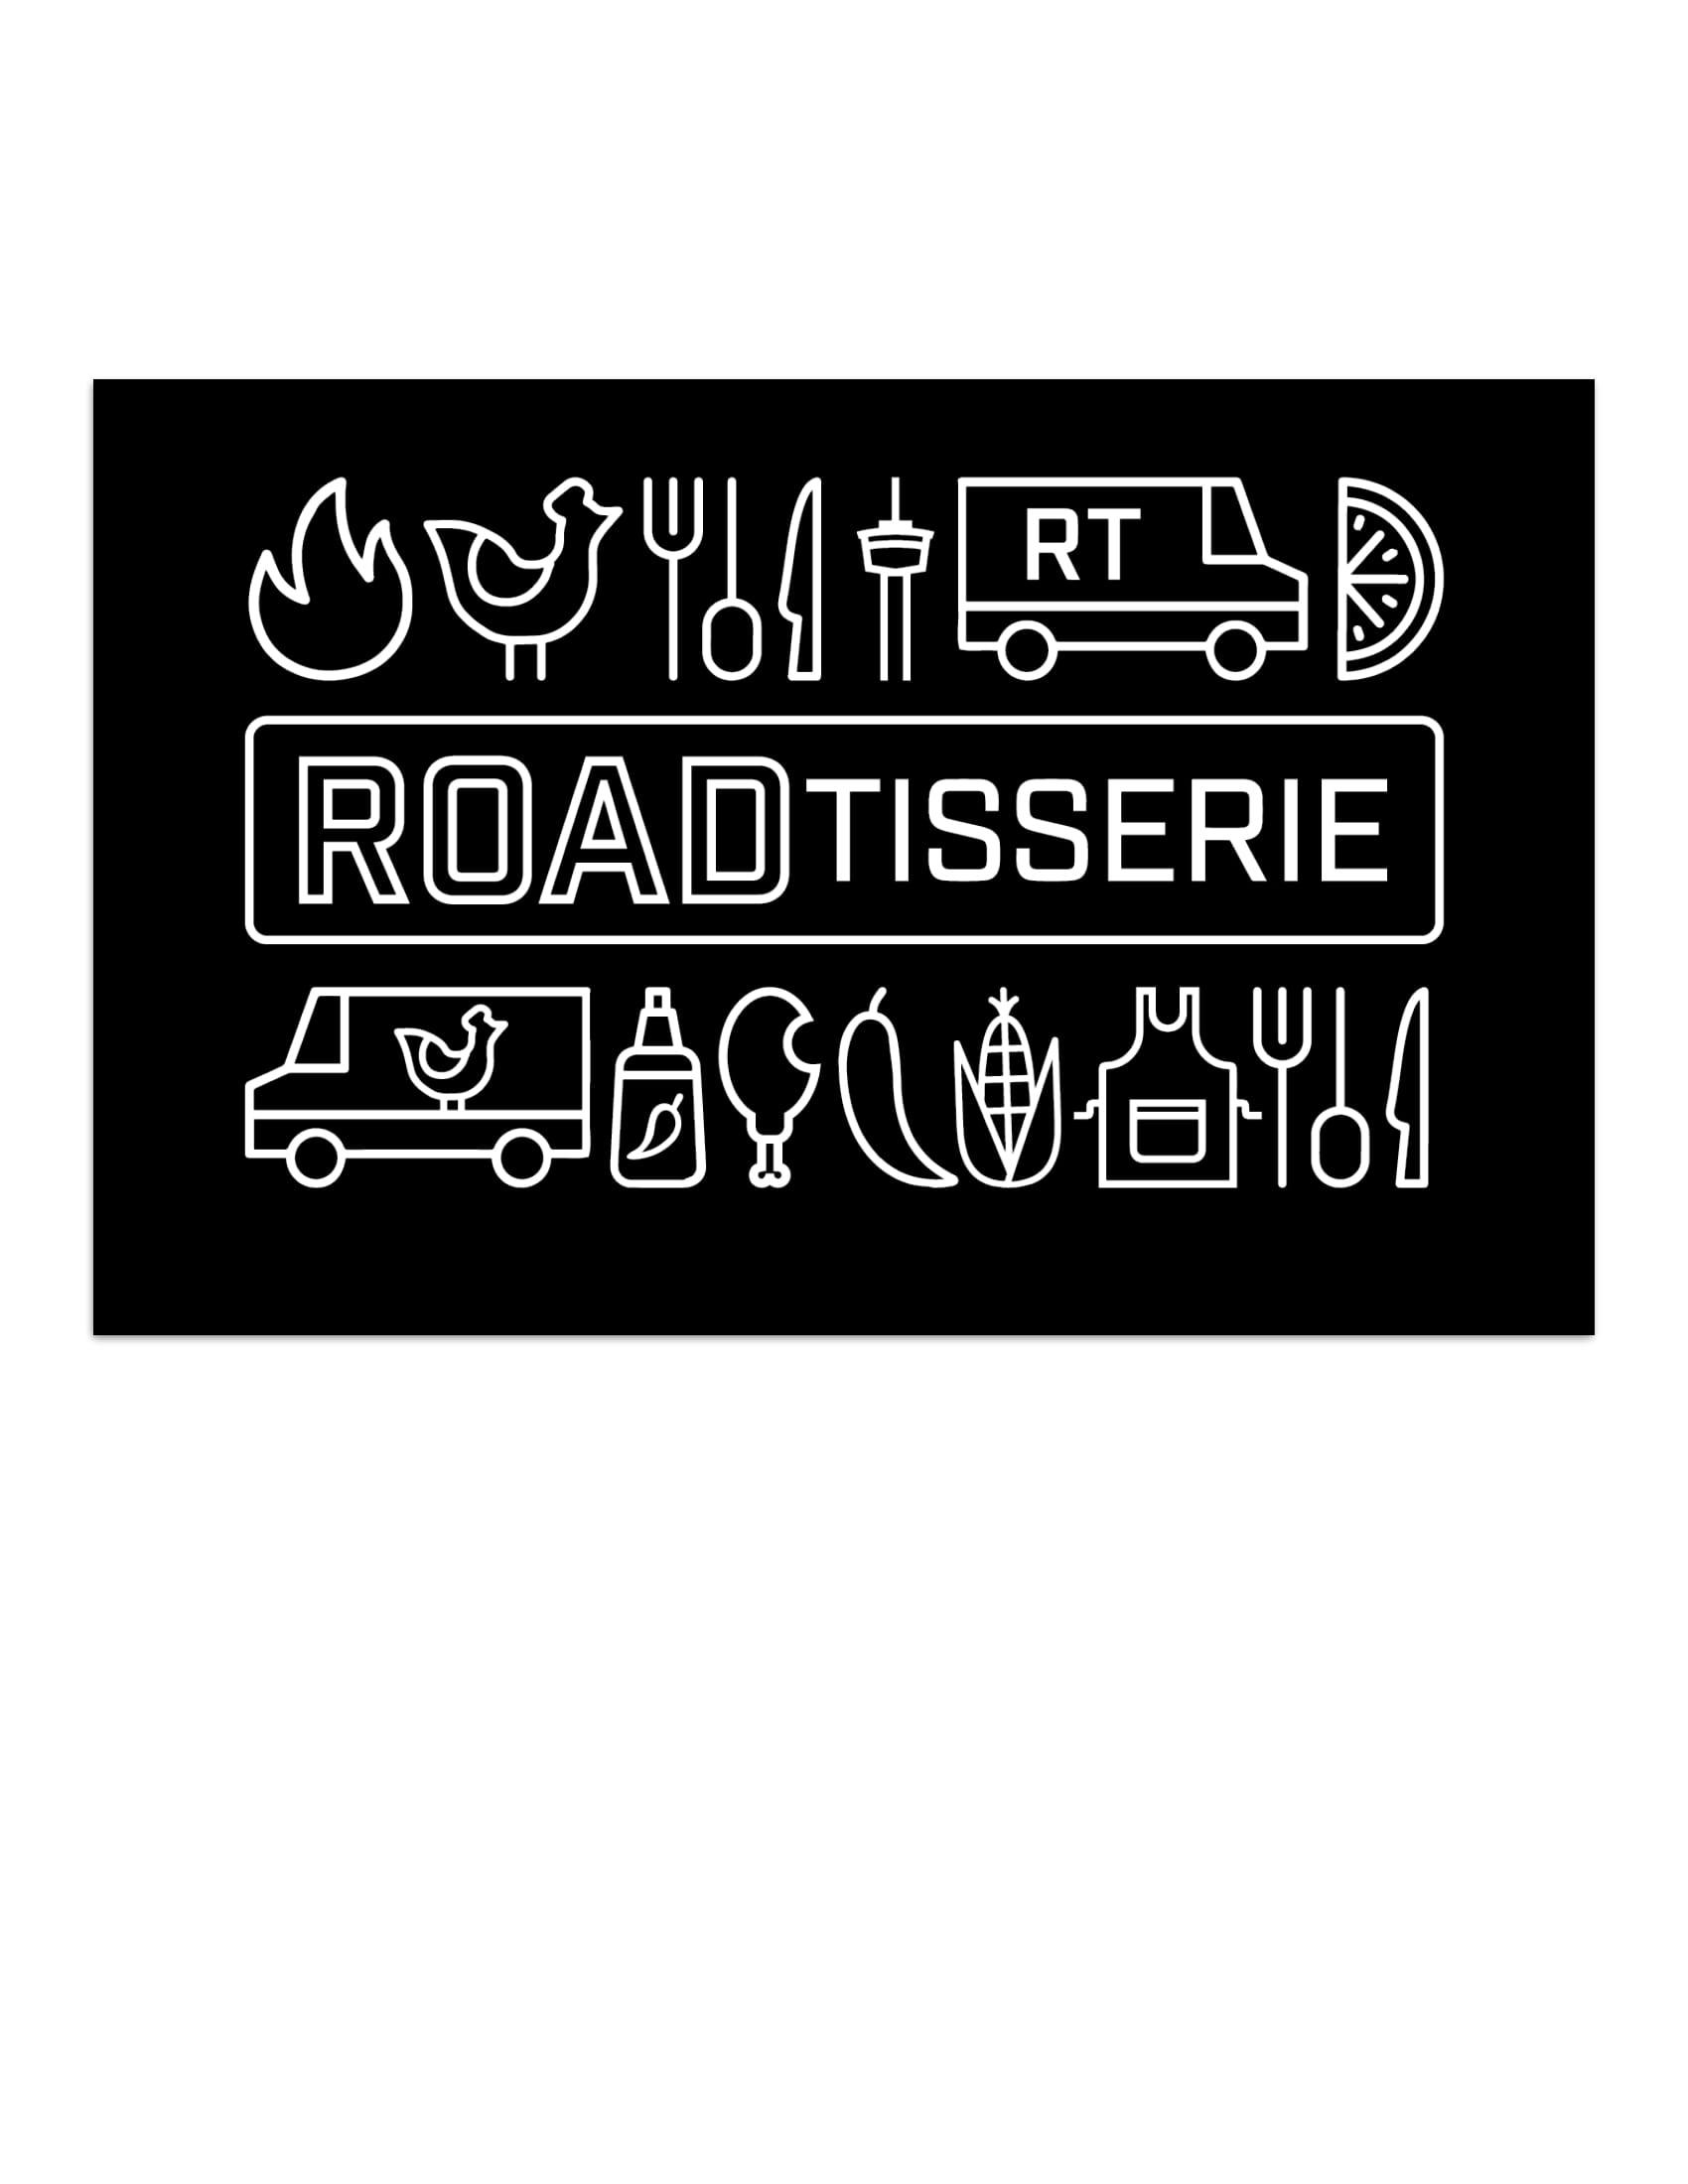 RoadTisserie Logo-1 (2).jpg